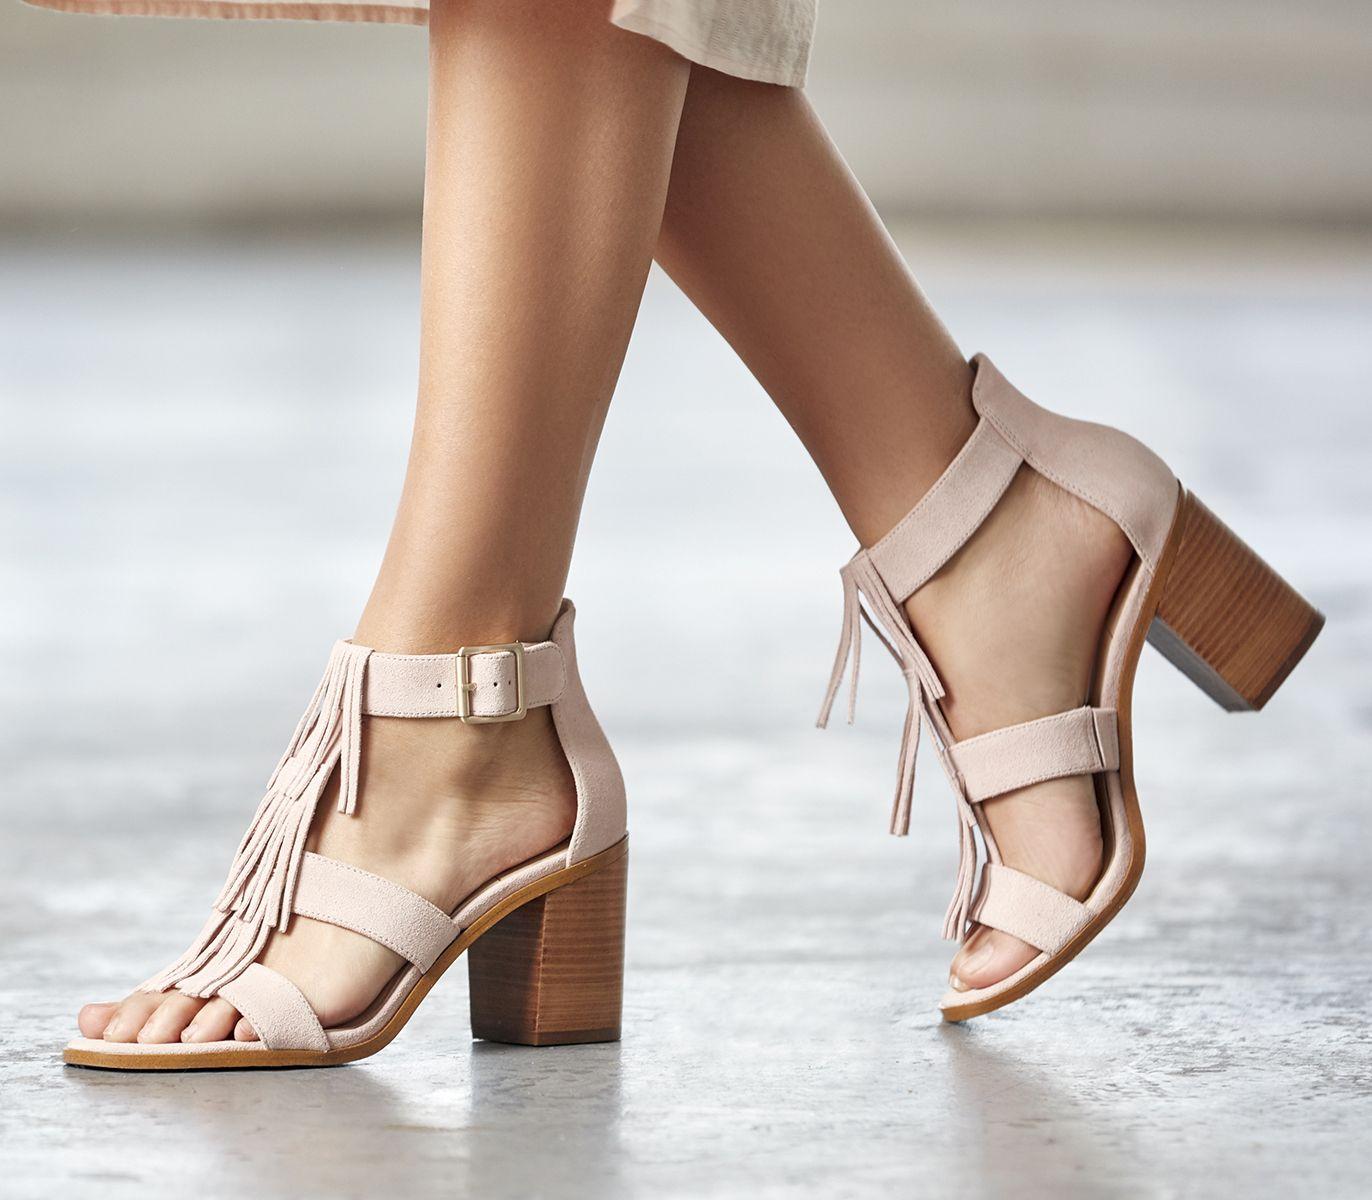 17ad286451d Suede fringe sandal in spring blush